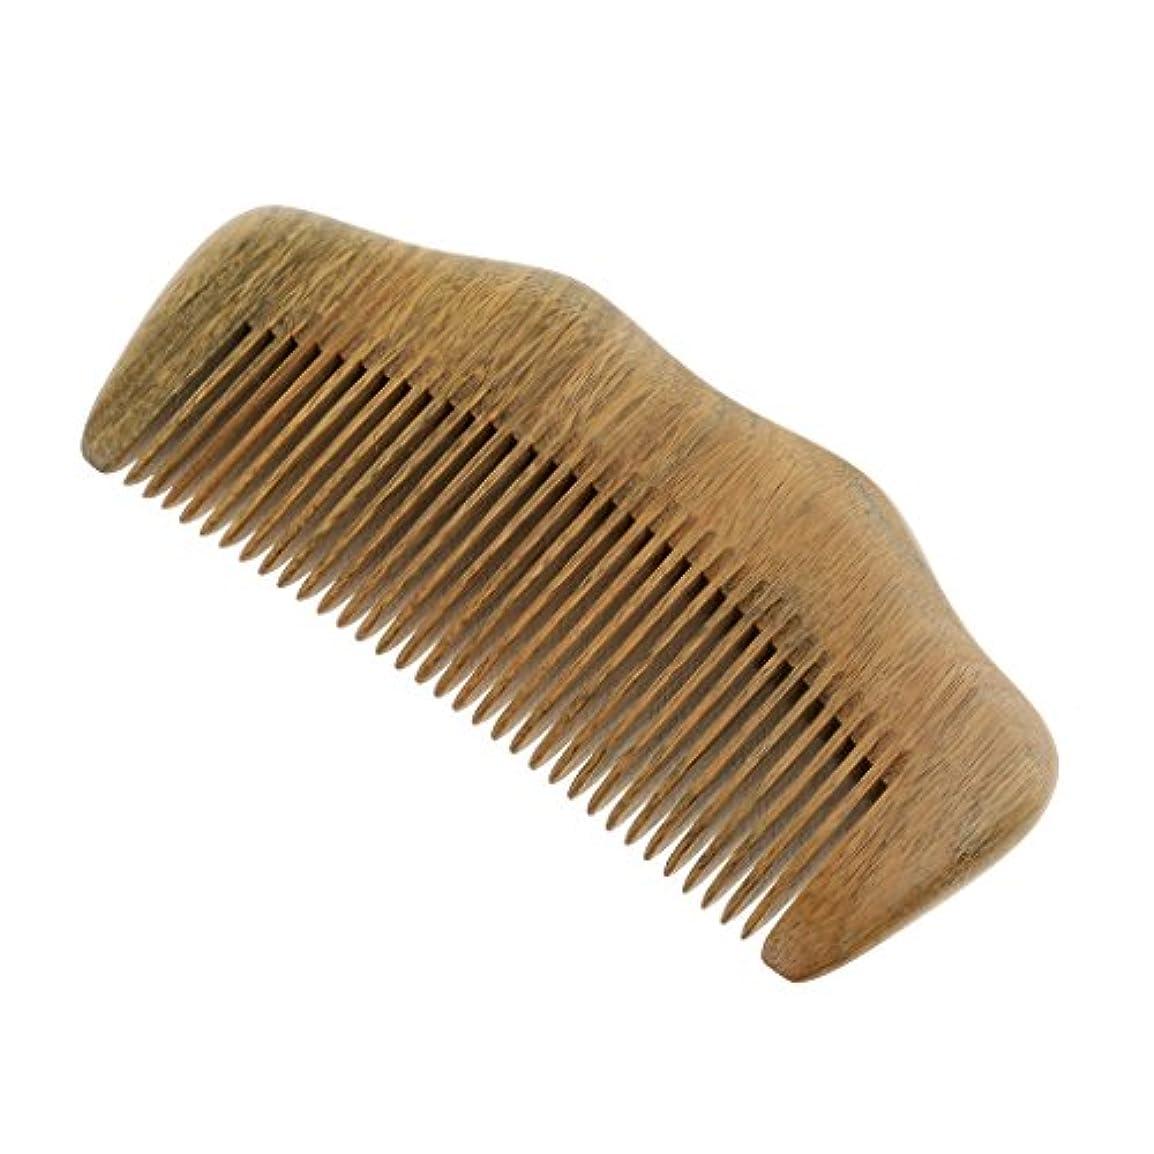 ウミウシ耳ノートウッド ヘアコーム ナチュラル 木製 ストレート マッサージ ファインティース 高品質